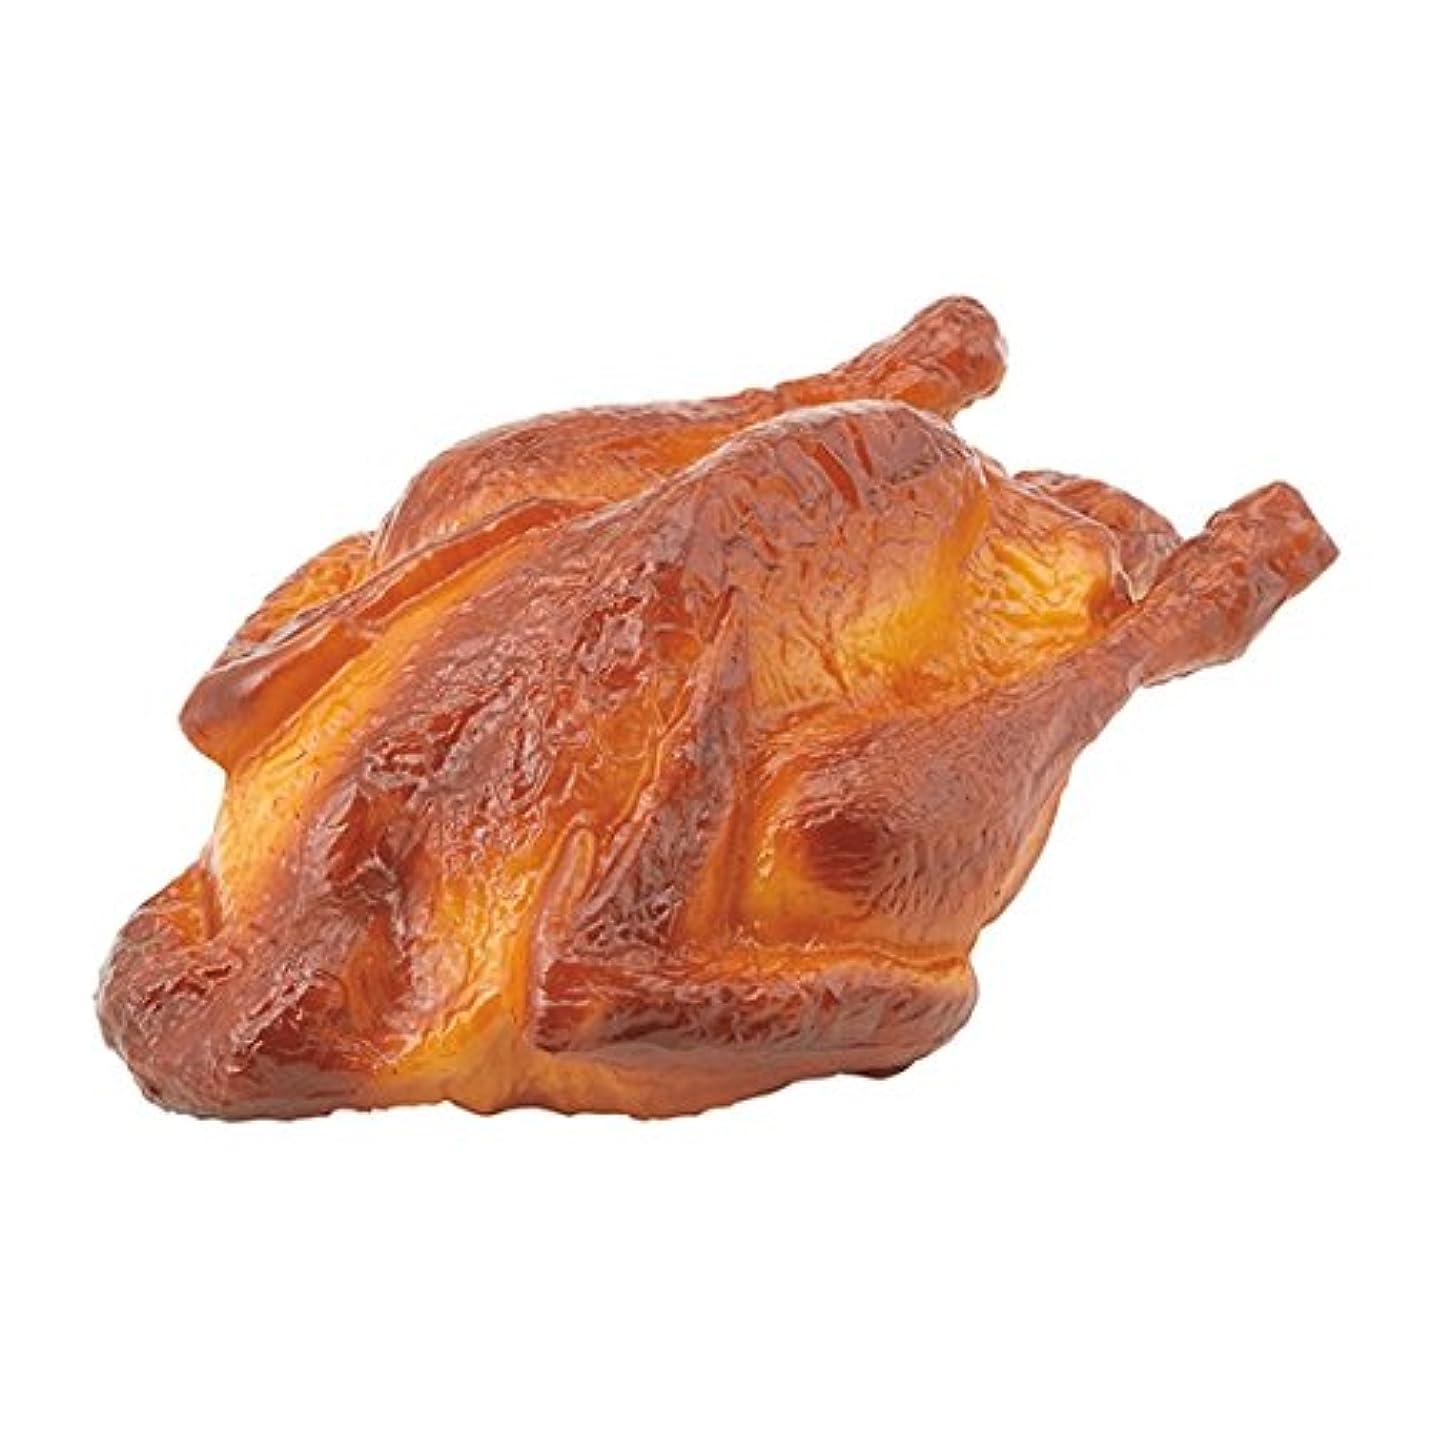 偽装する柔らかい足バルブローストチキン(プラスチック)(VF1202)[食品サンプル フェイクフード ディスプレイ 肉 チキン ローストチキン クリスマス]